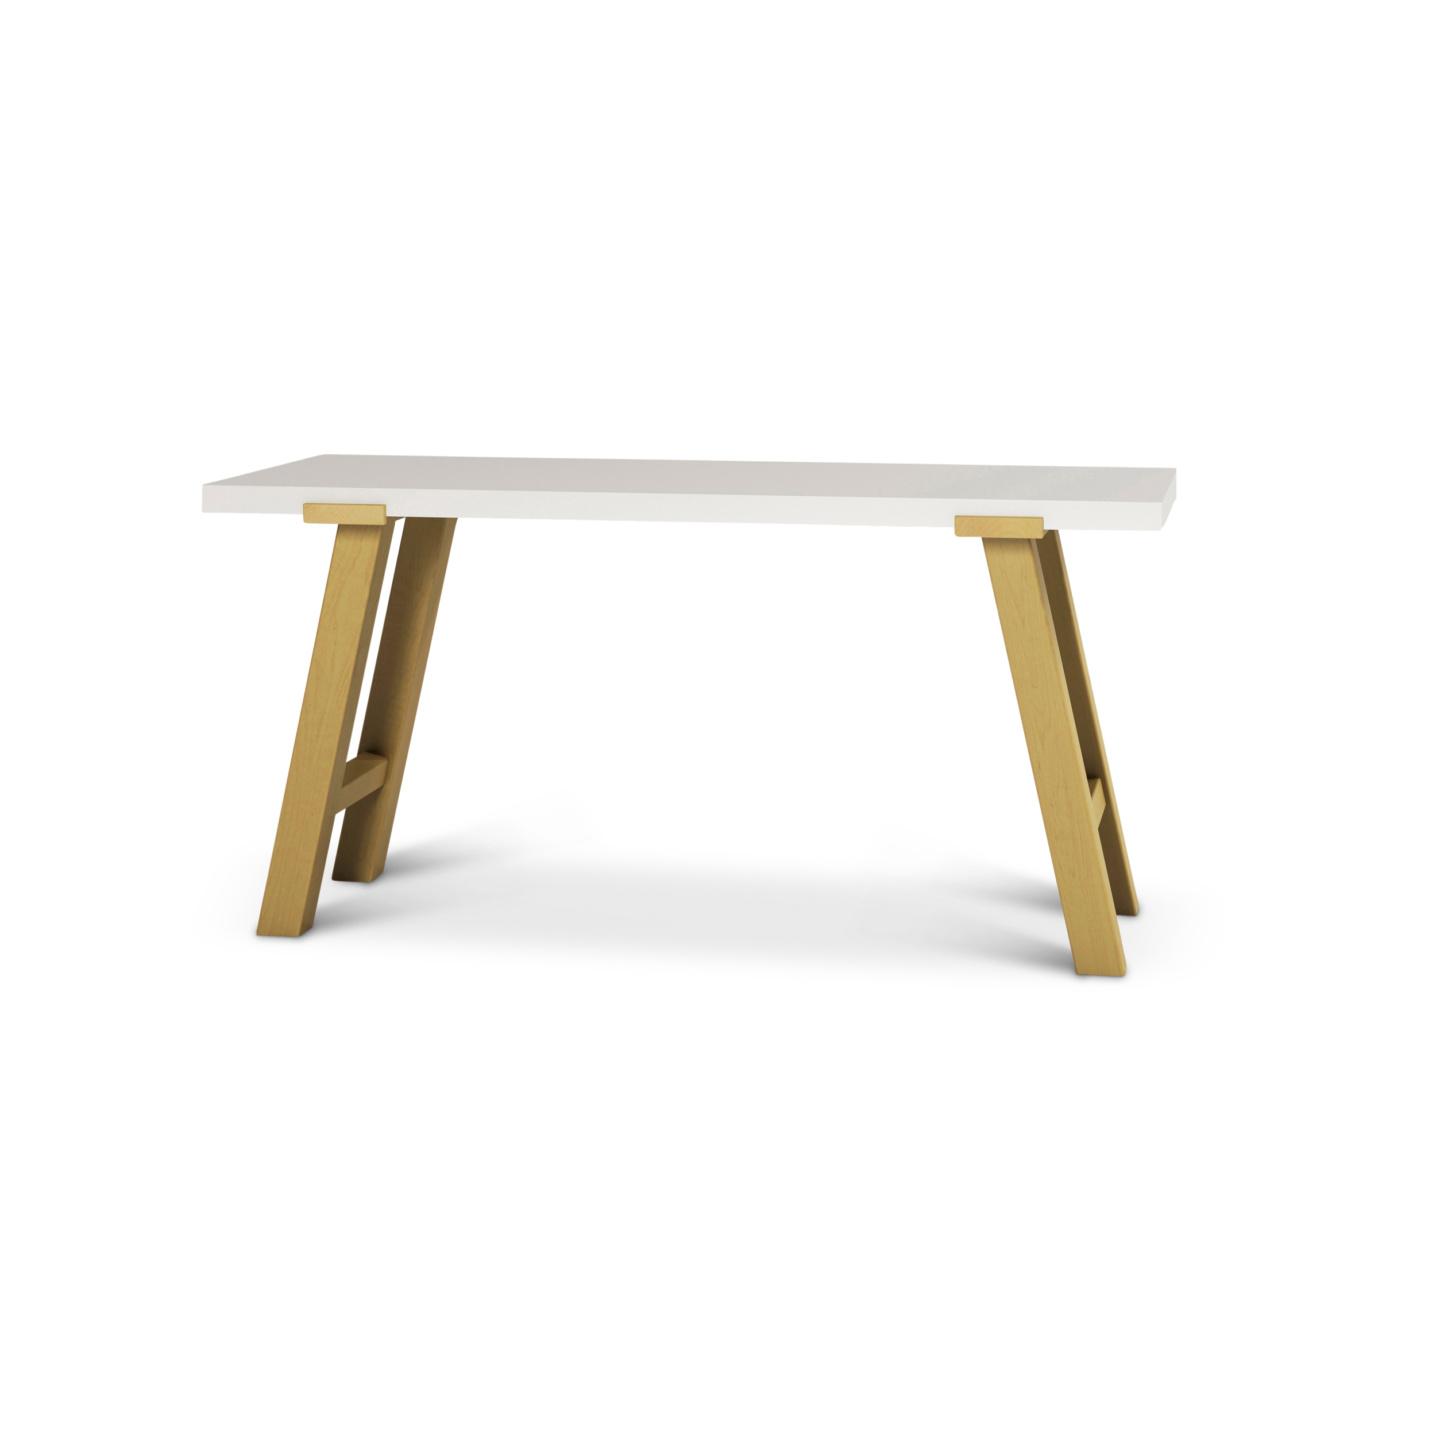 Norwegian maple desk with solid wood top